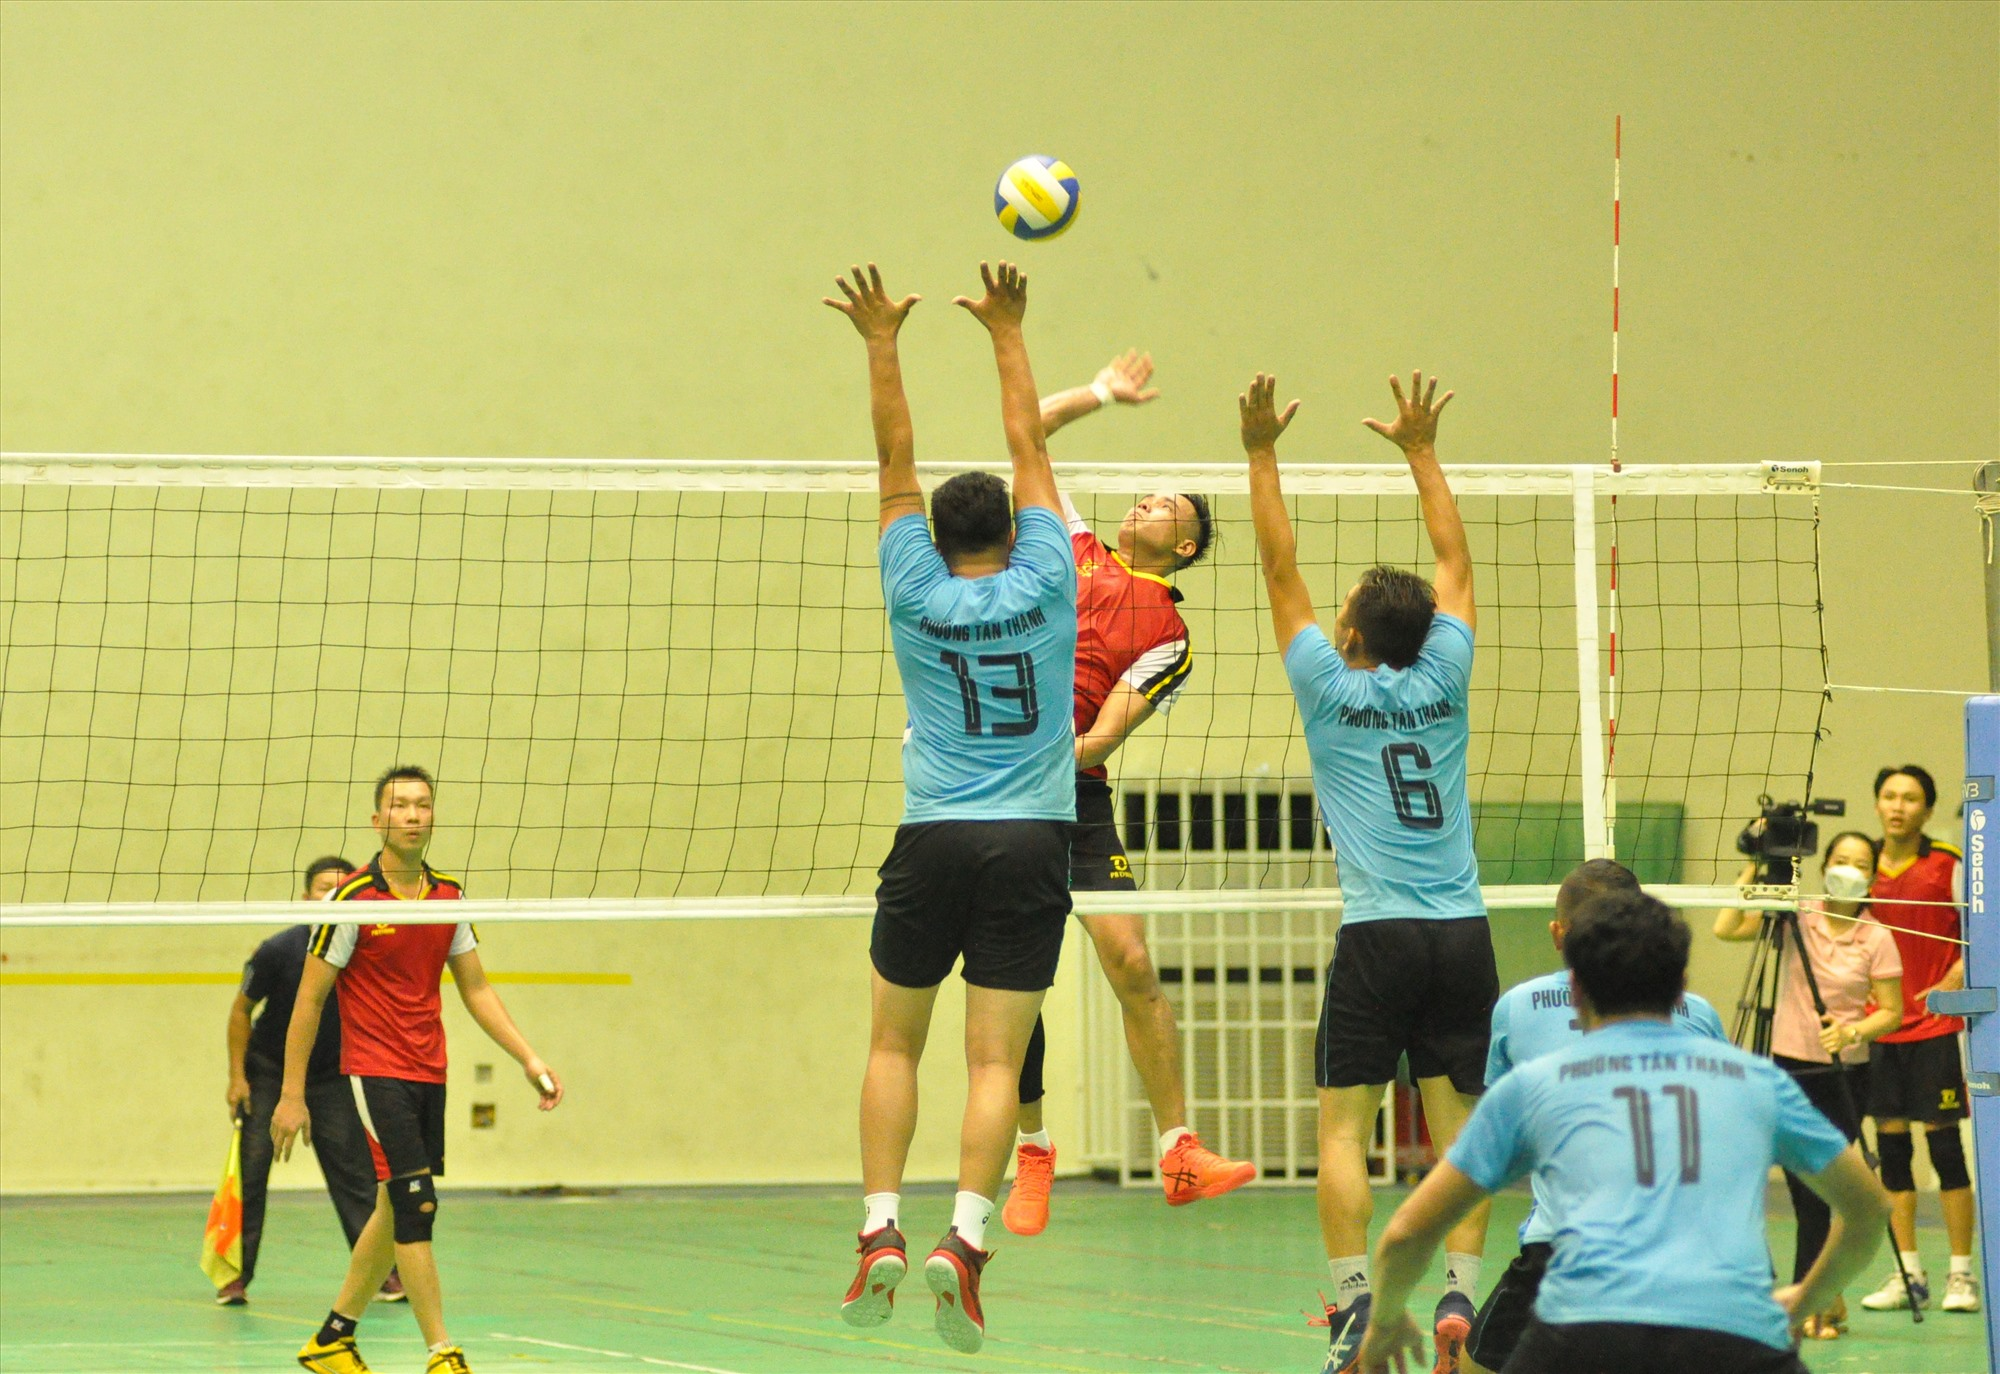 Trận chung kết Tam Thăng và Tân Thạnh diễn ra hấp dẫn và kịch tính. Ảnh: T.V